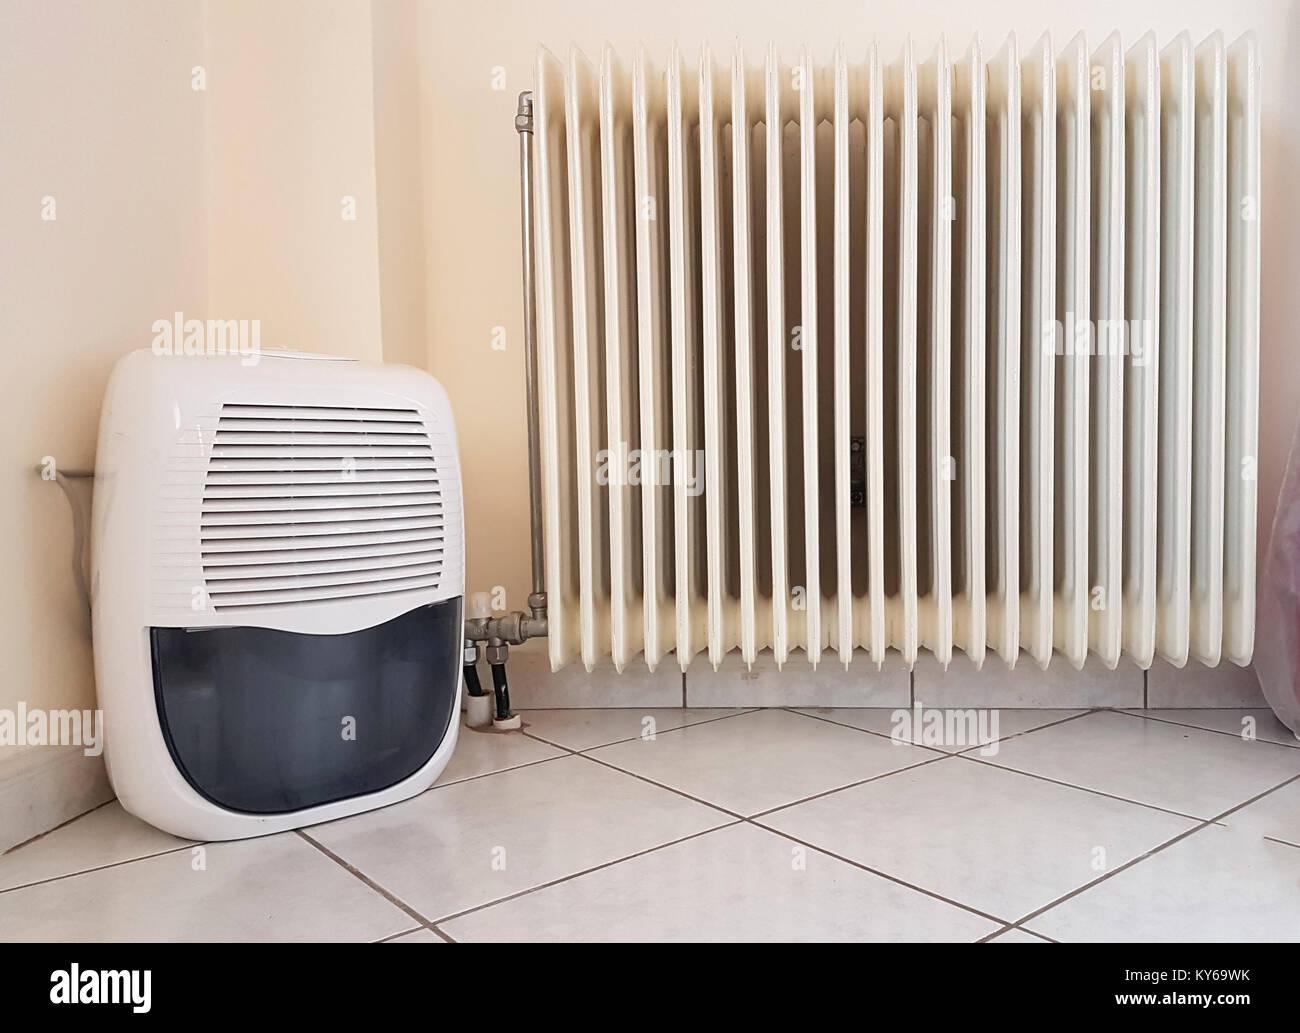 Luftbefeuchter und Heizung alt im Zimmer Stockfoto, Bild: 171628511 ...